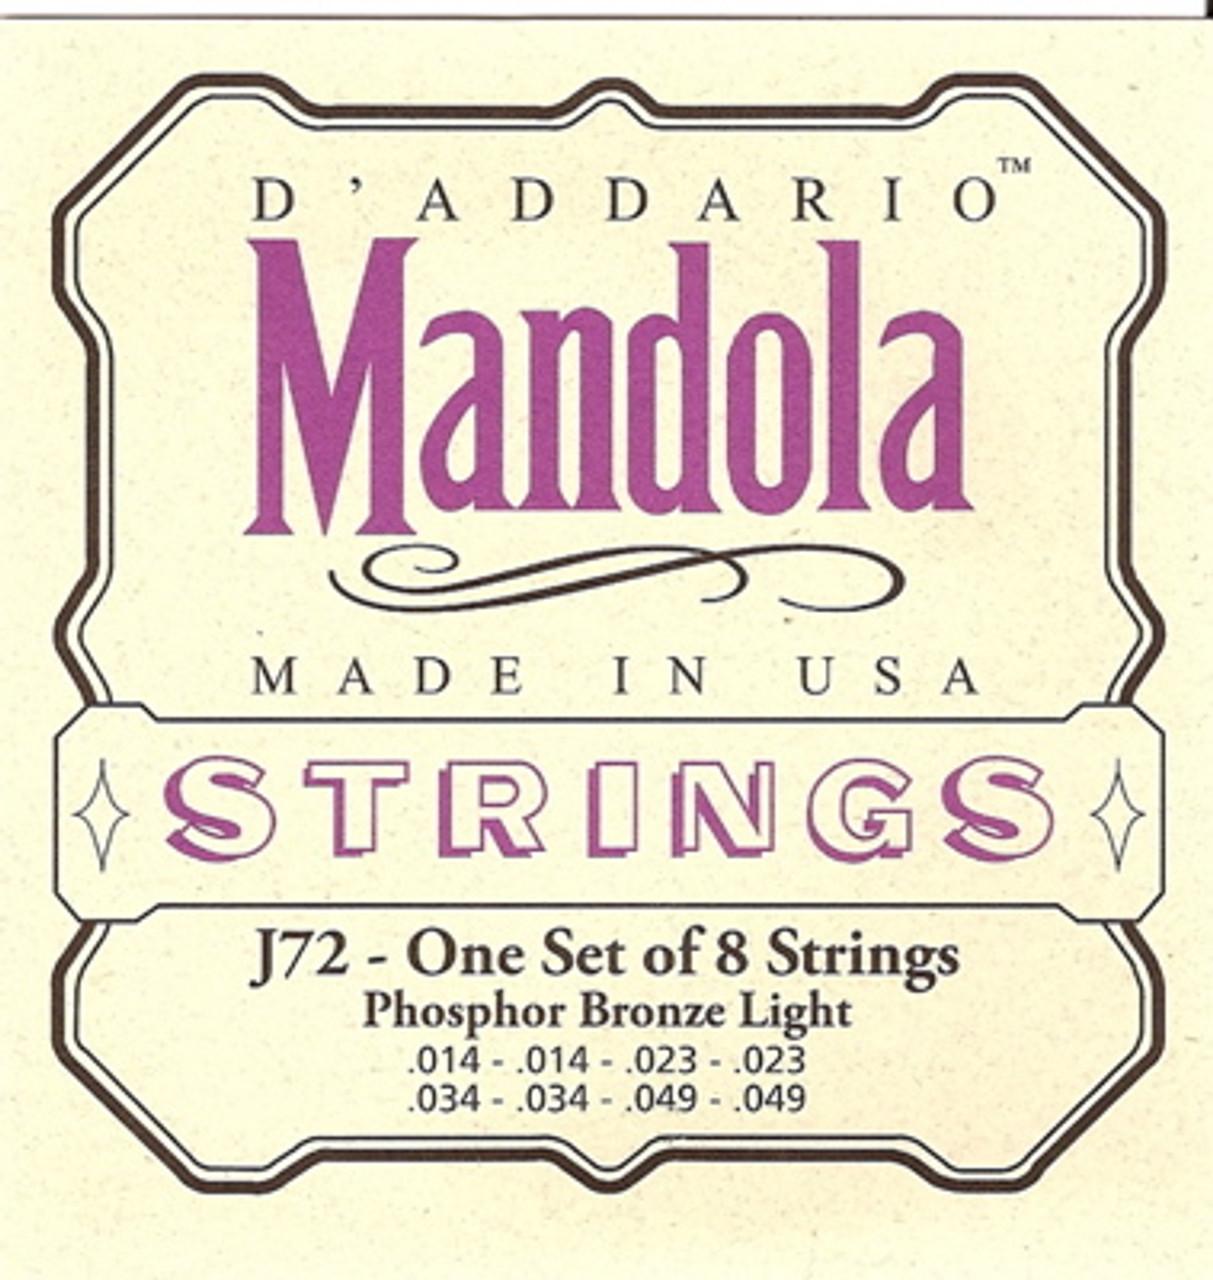 D'addario EJ72 Mandola Strings 14-49